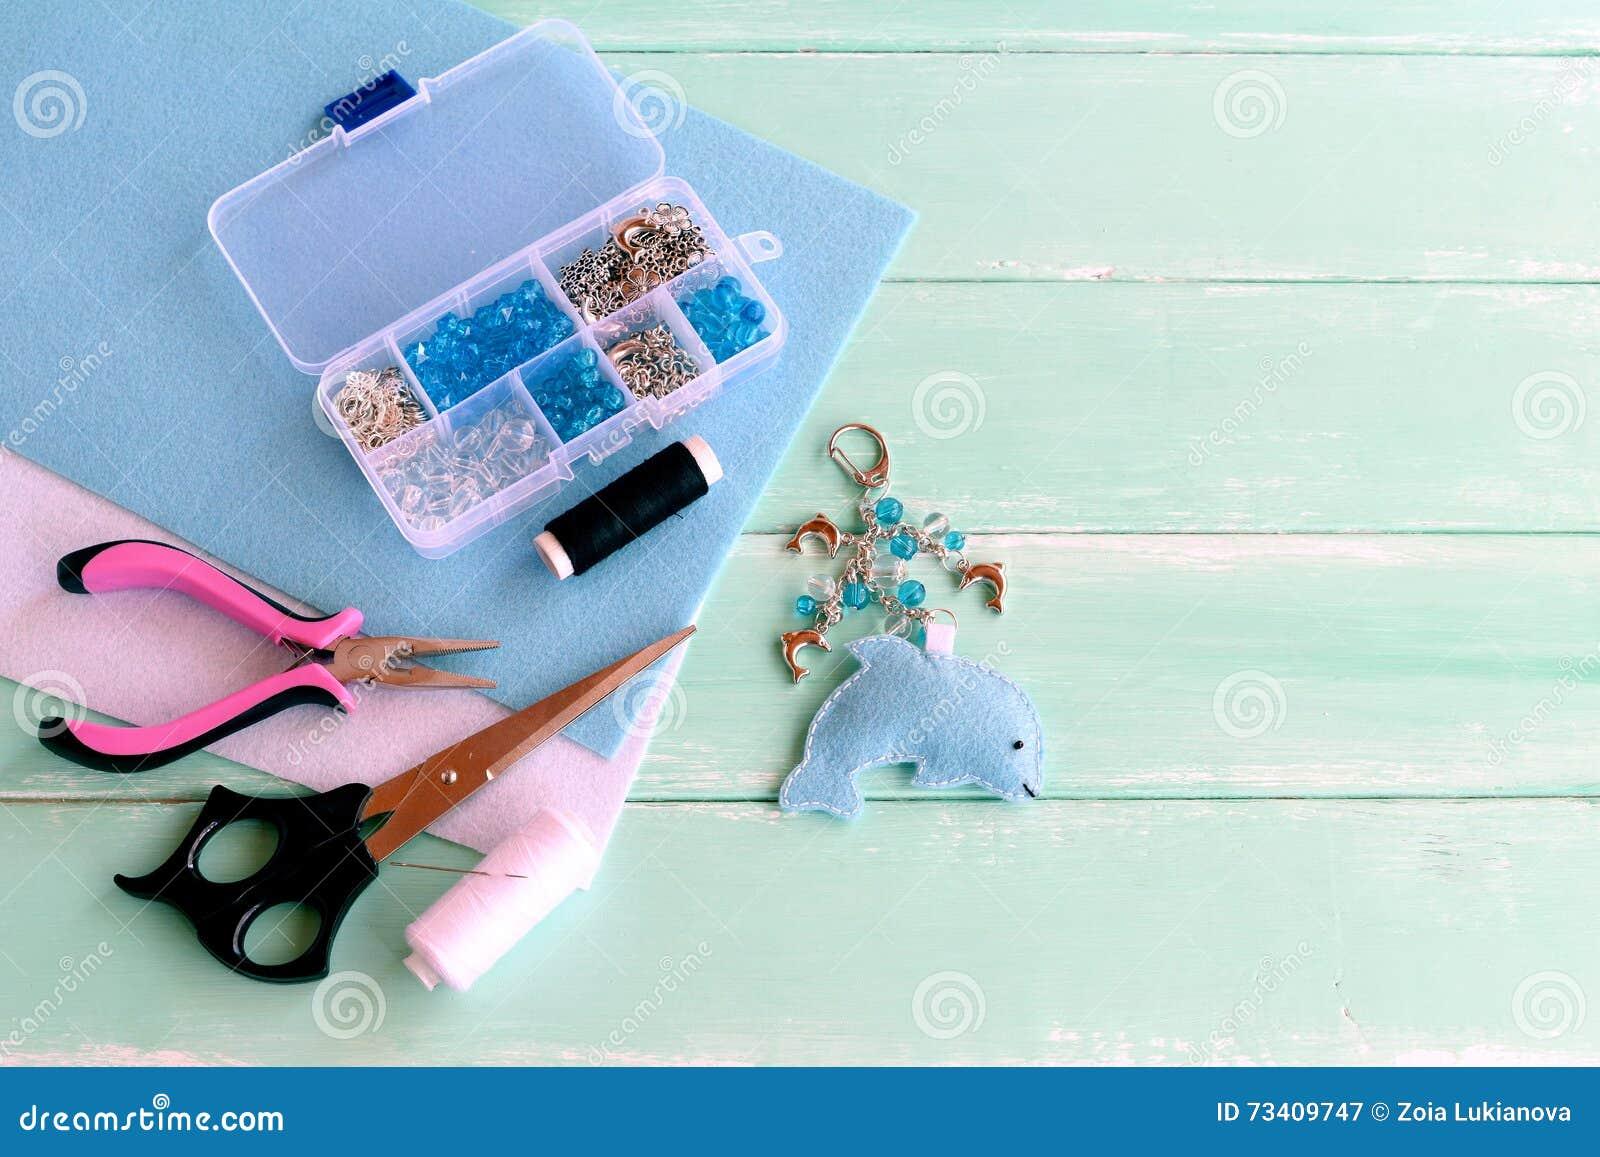 cute felt dolphin keyring with beads blue felt sea animal